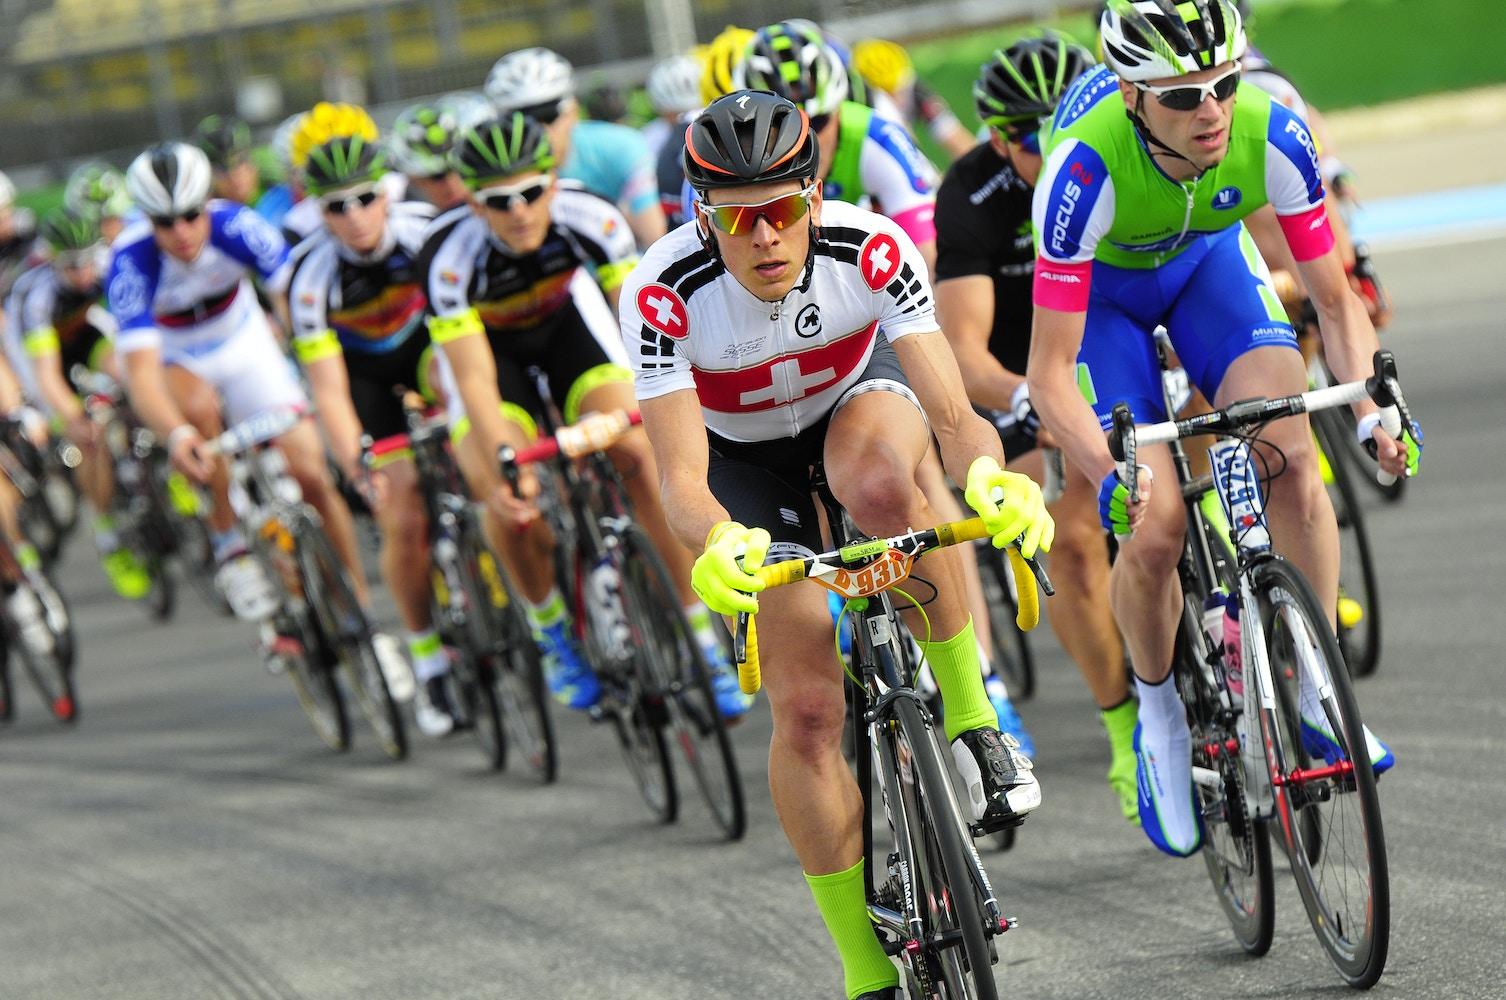 Radsport auf dem Hockenheimring